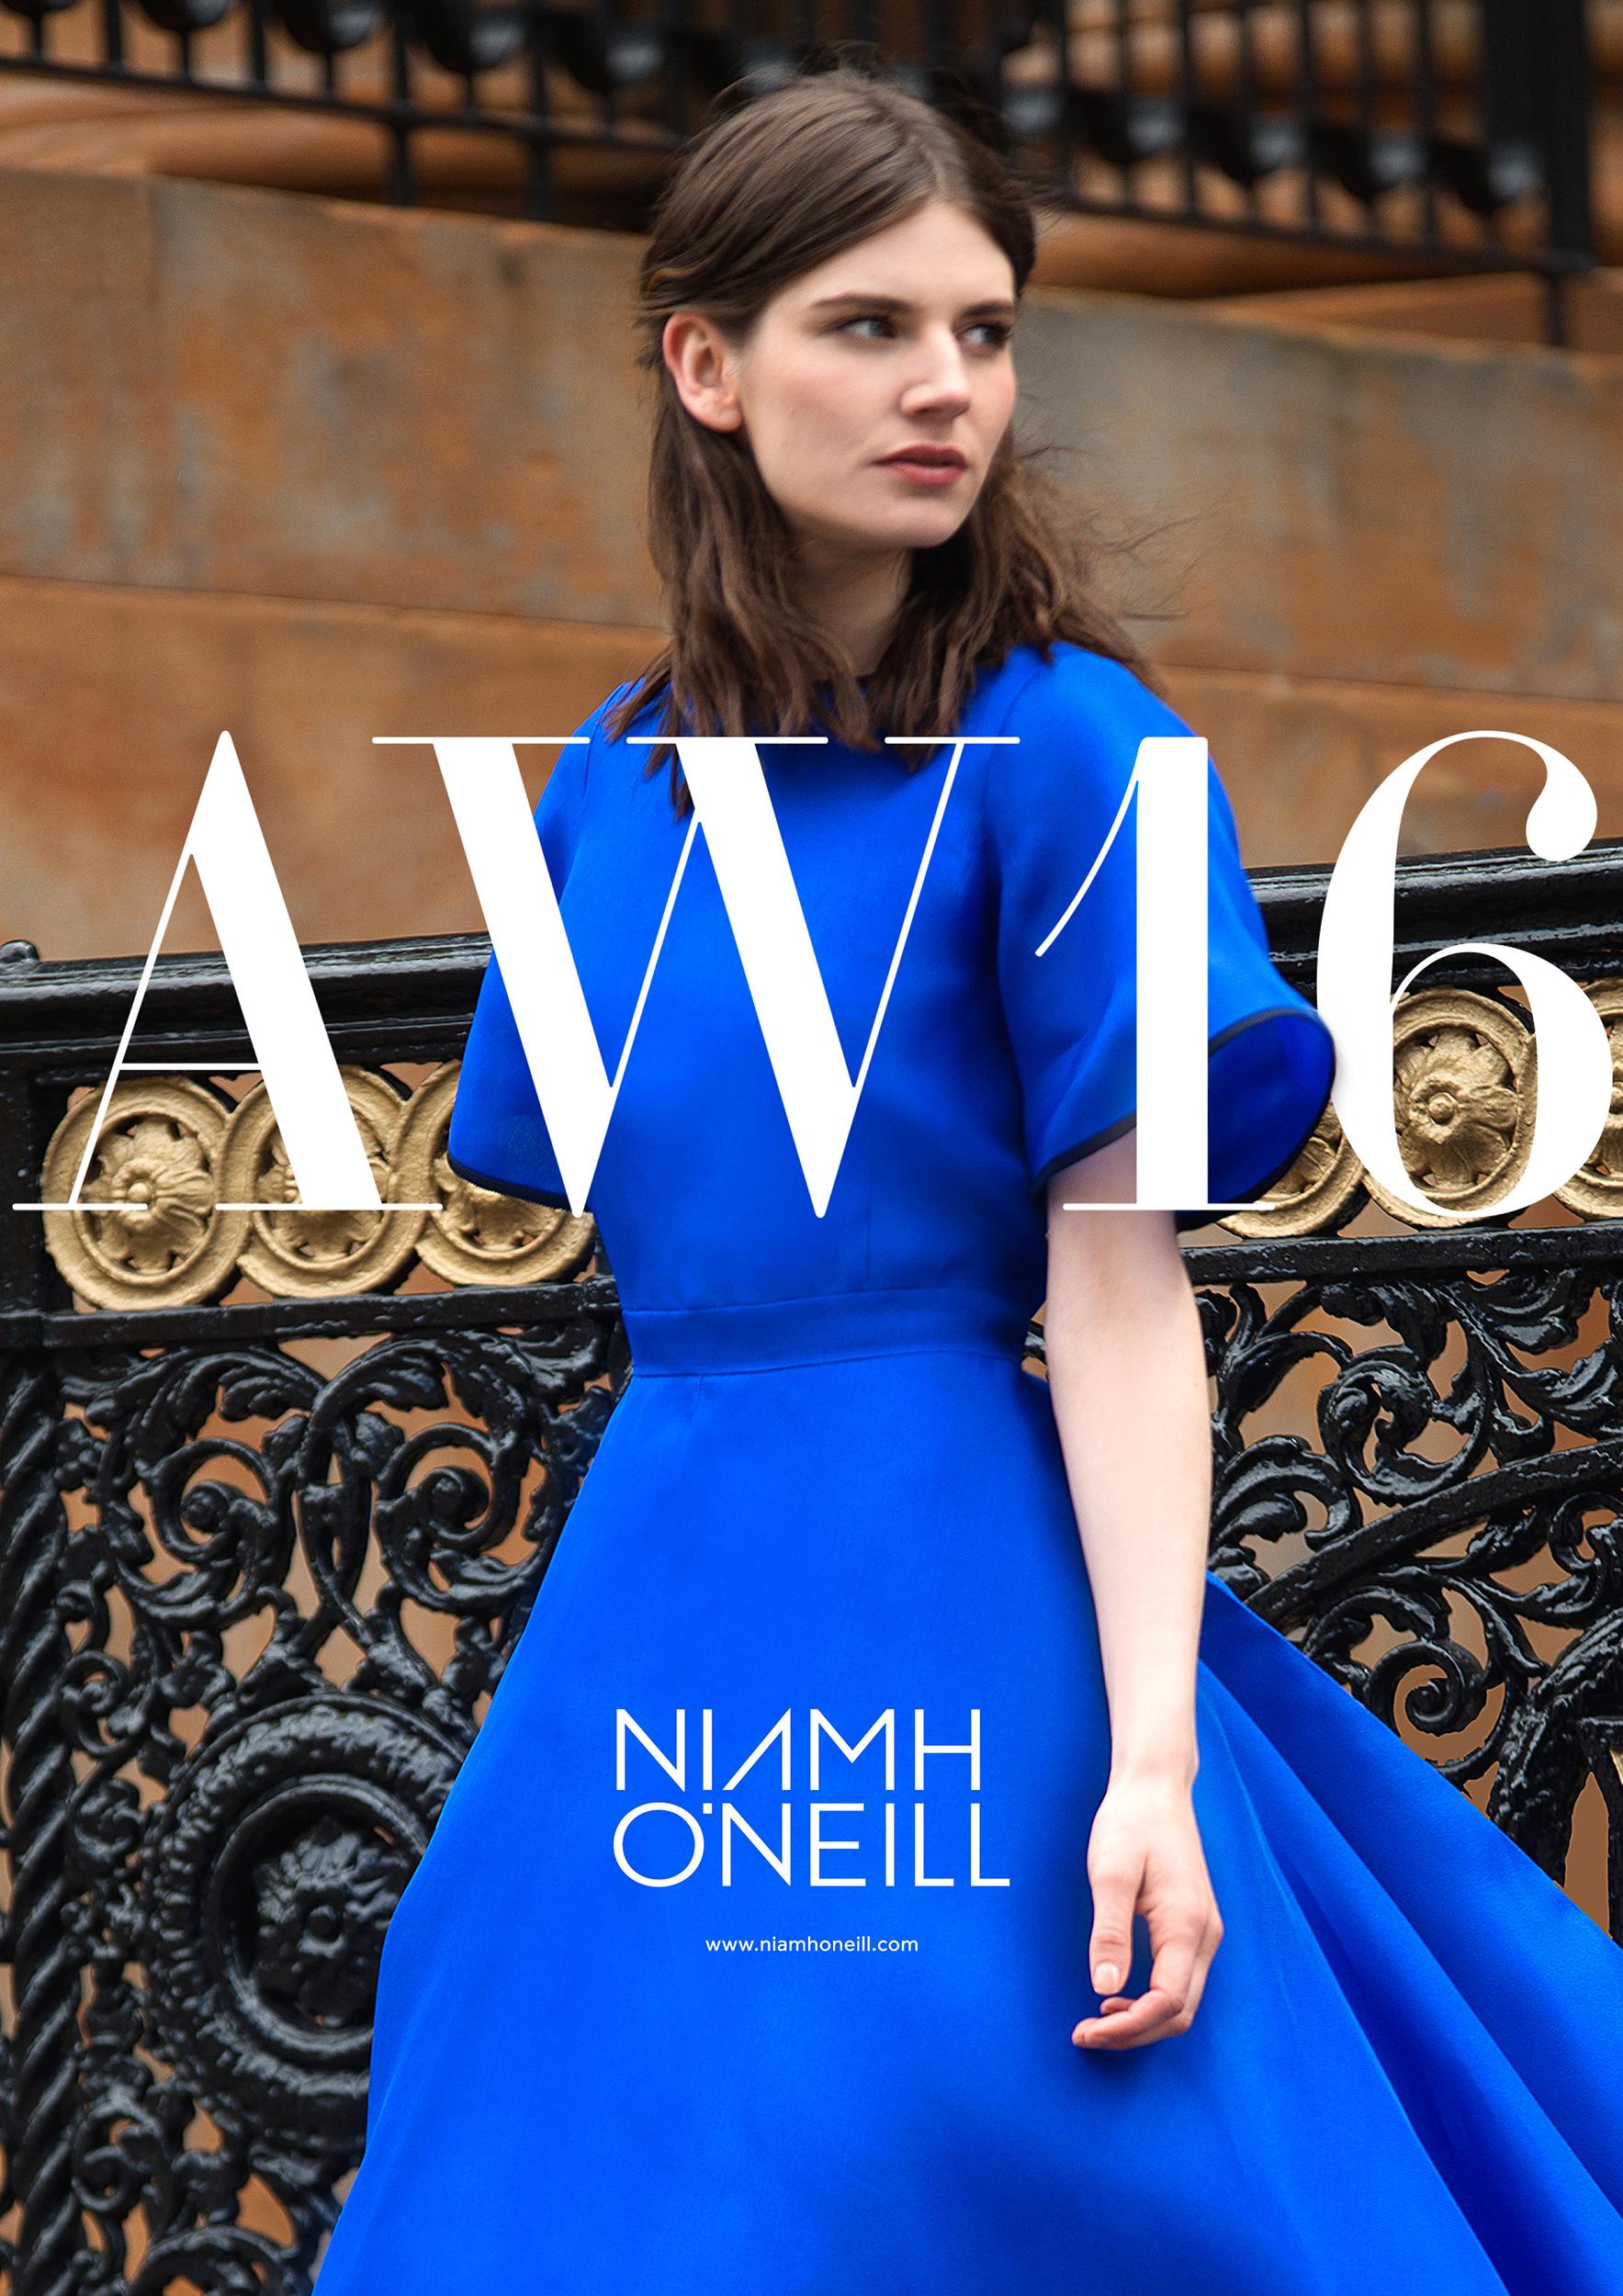 Cover image: Niamh O'Neill Branding